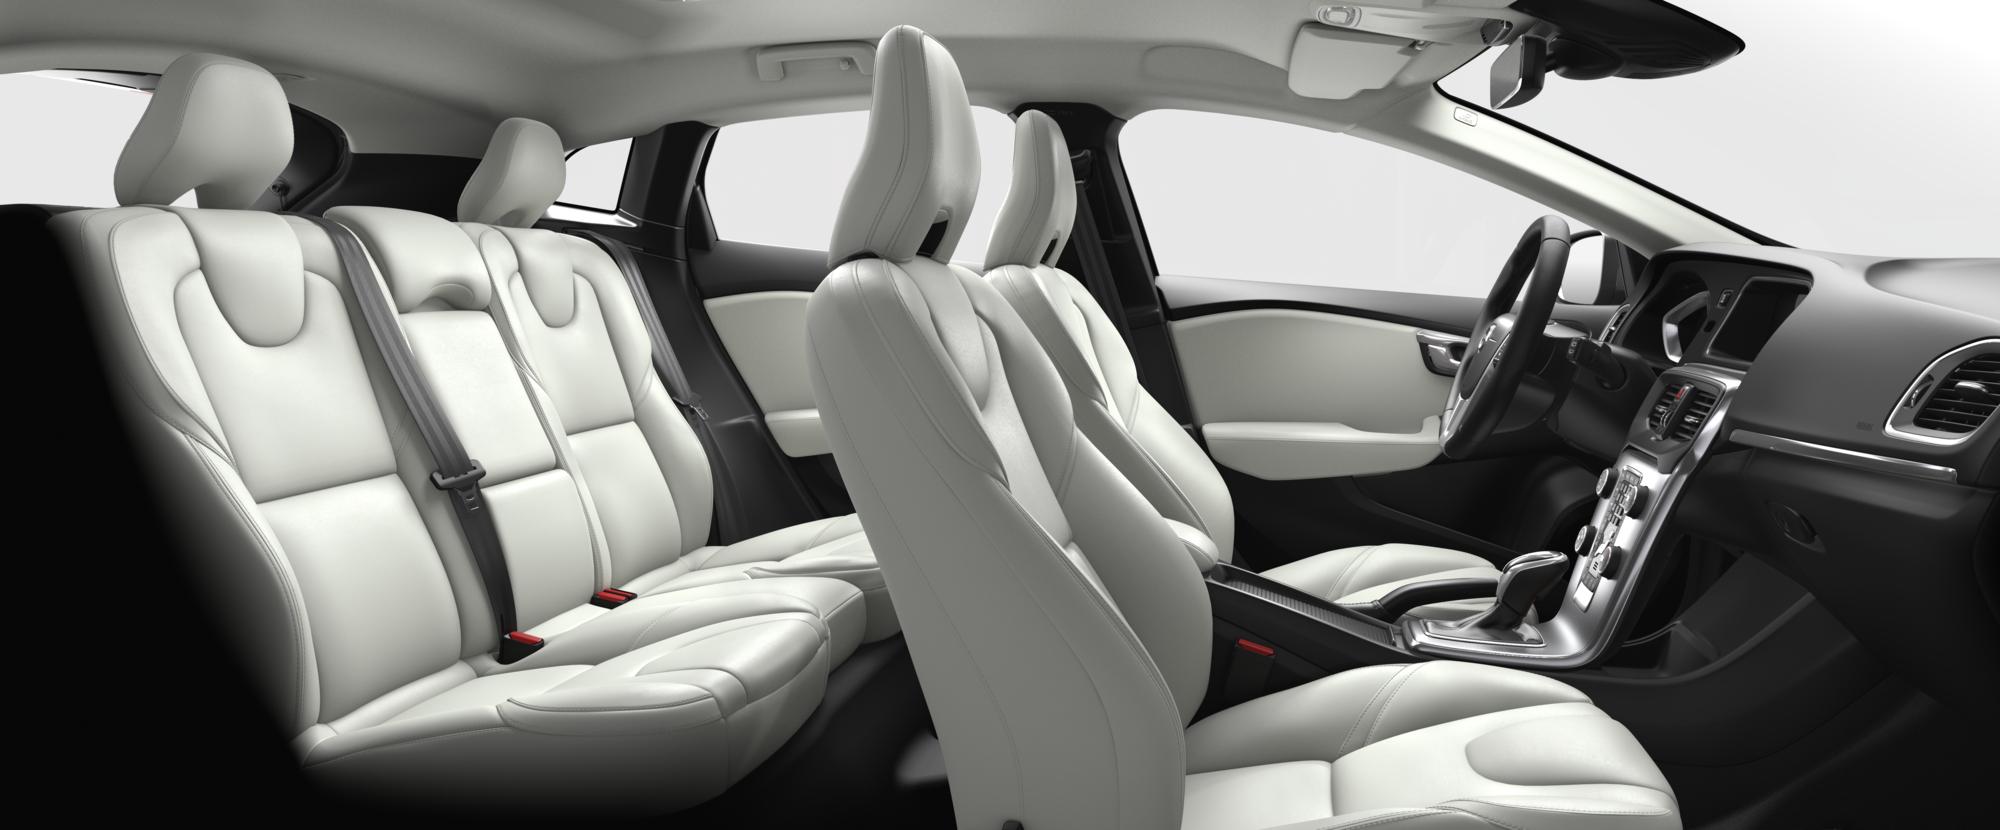 Volvo V40 - Capitol MotorsCapitol Motors